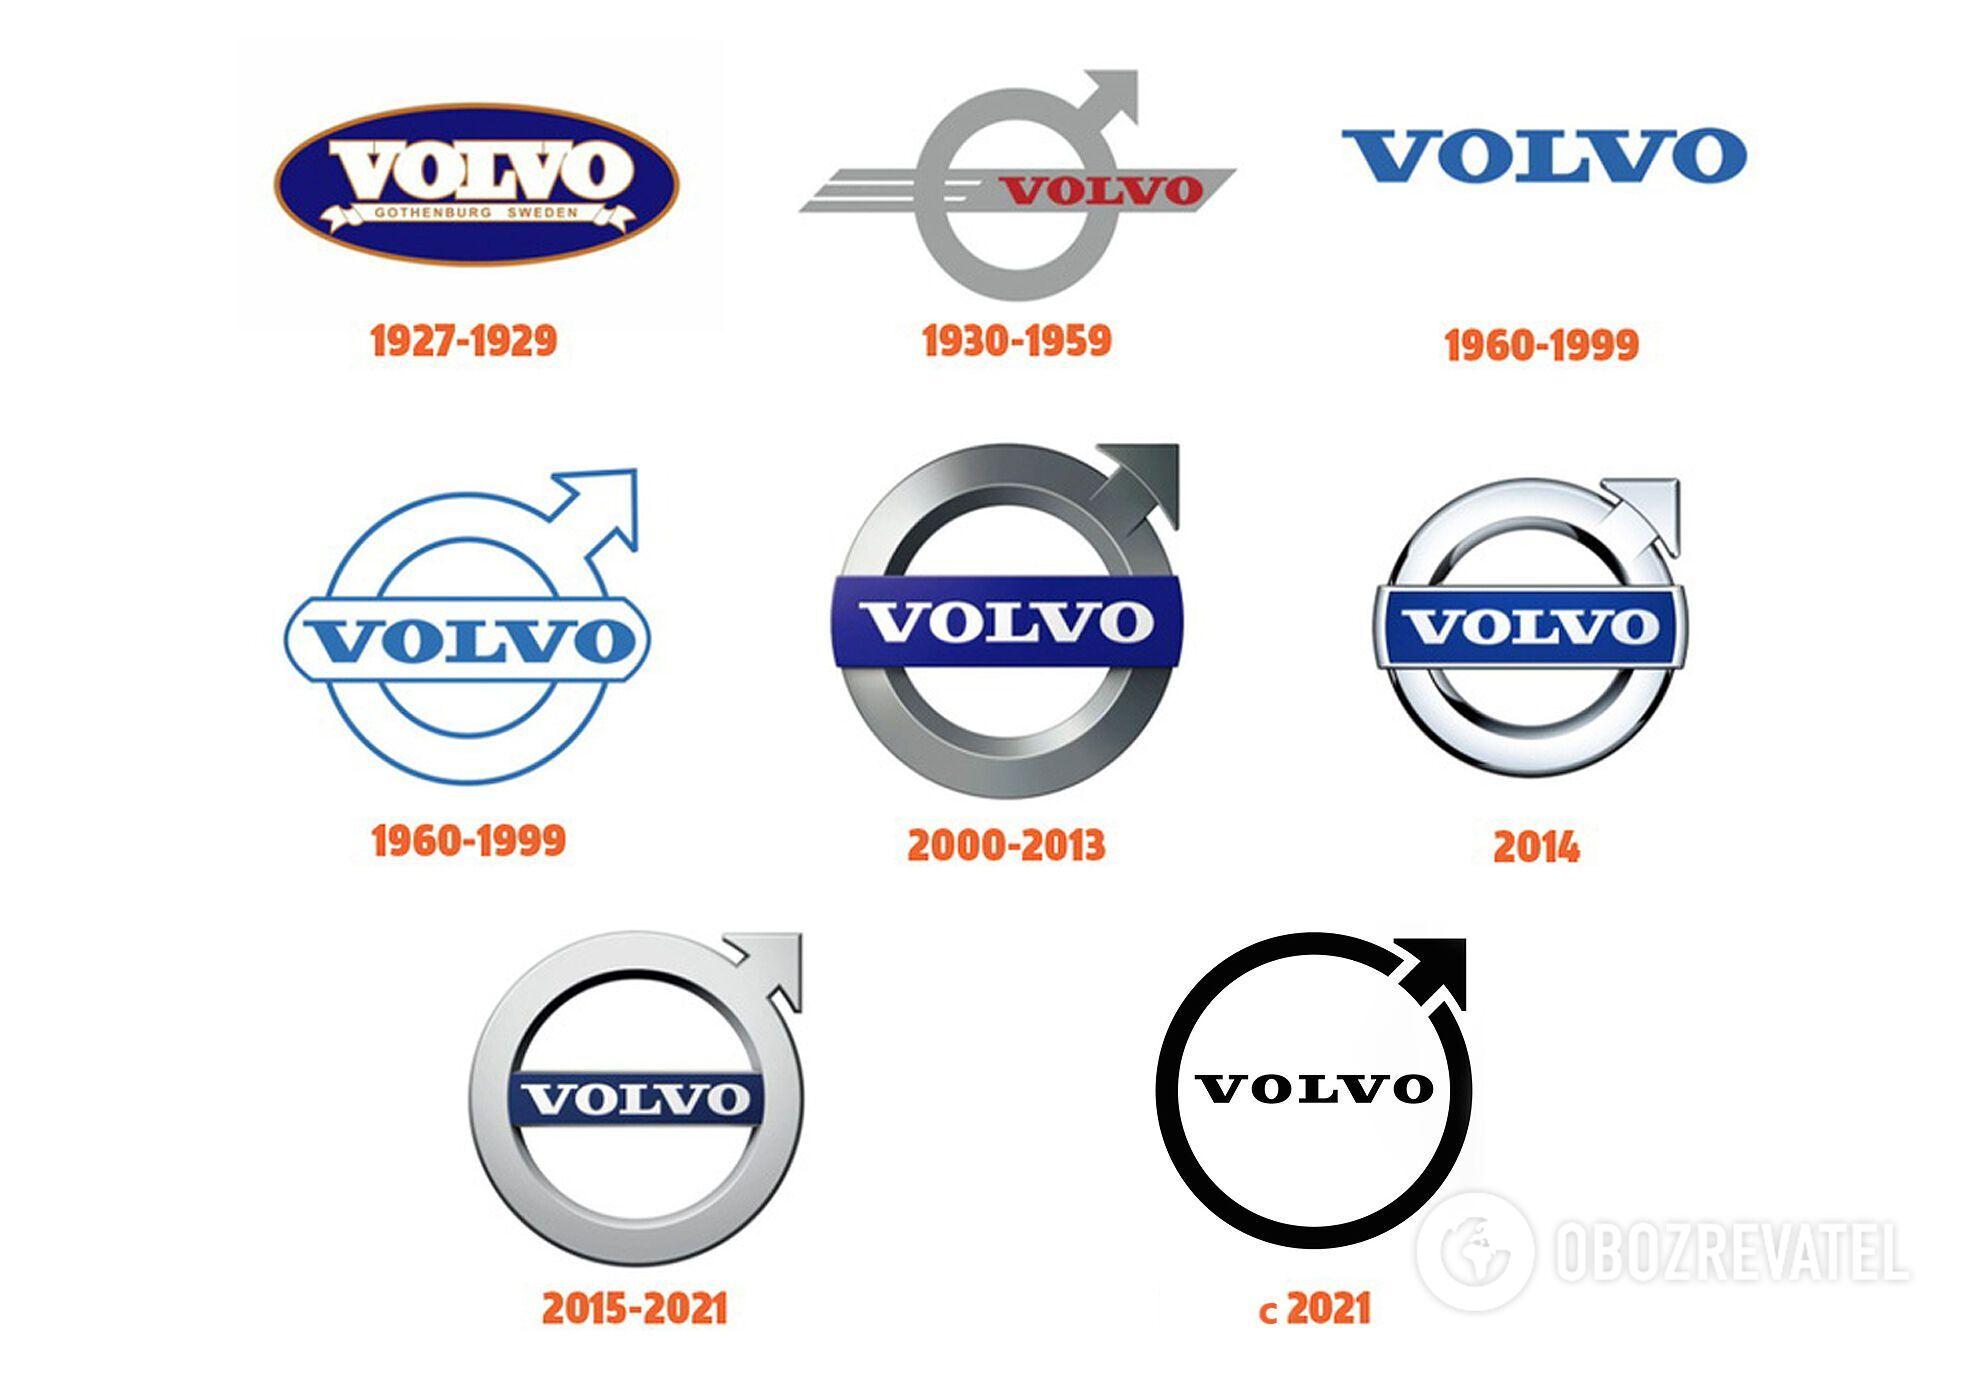 """Шрифт написання залишається колишнім, але сам логотип максимально спростили відповідно до тези В. І. Ульянова """"краще менше, та краще""""."""